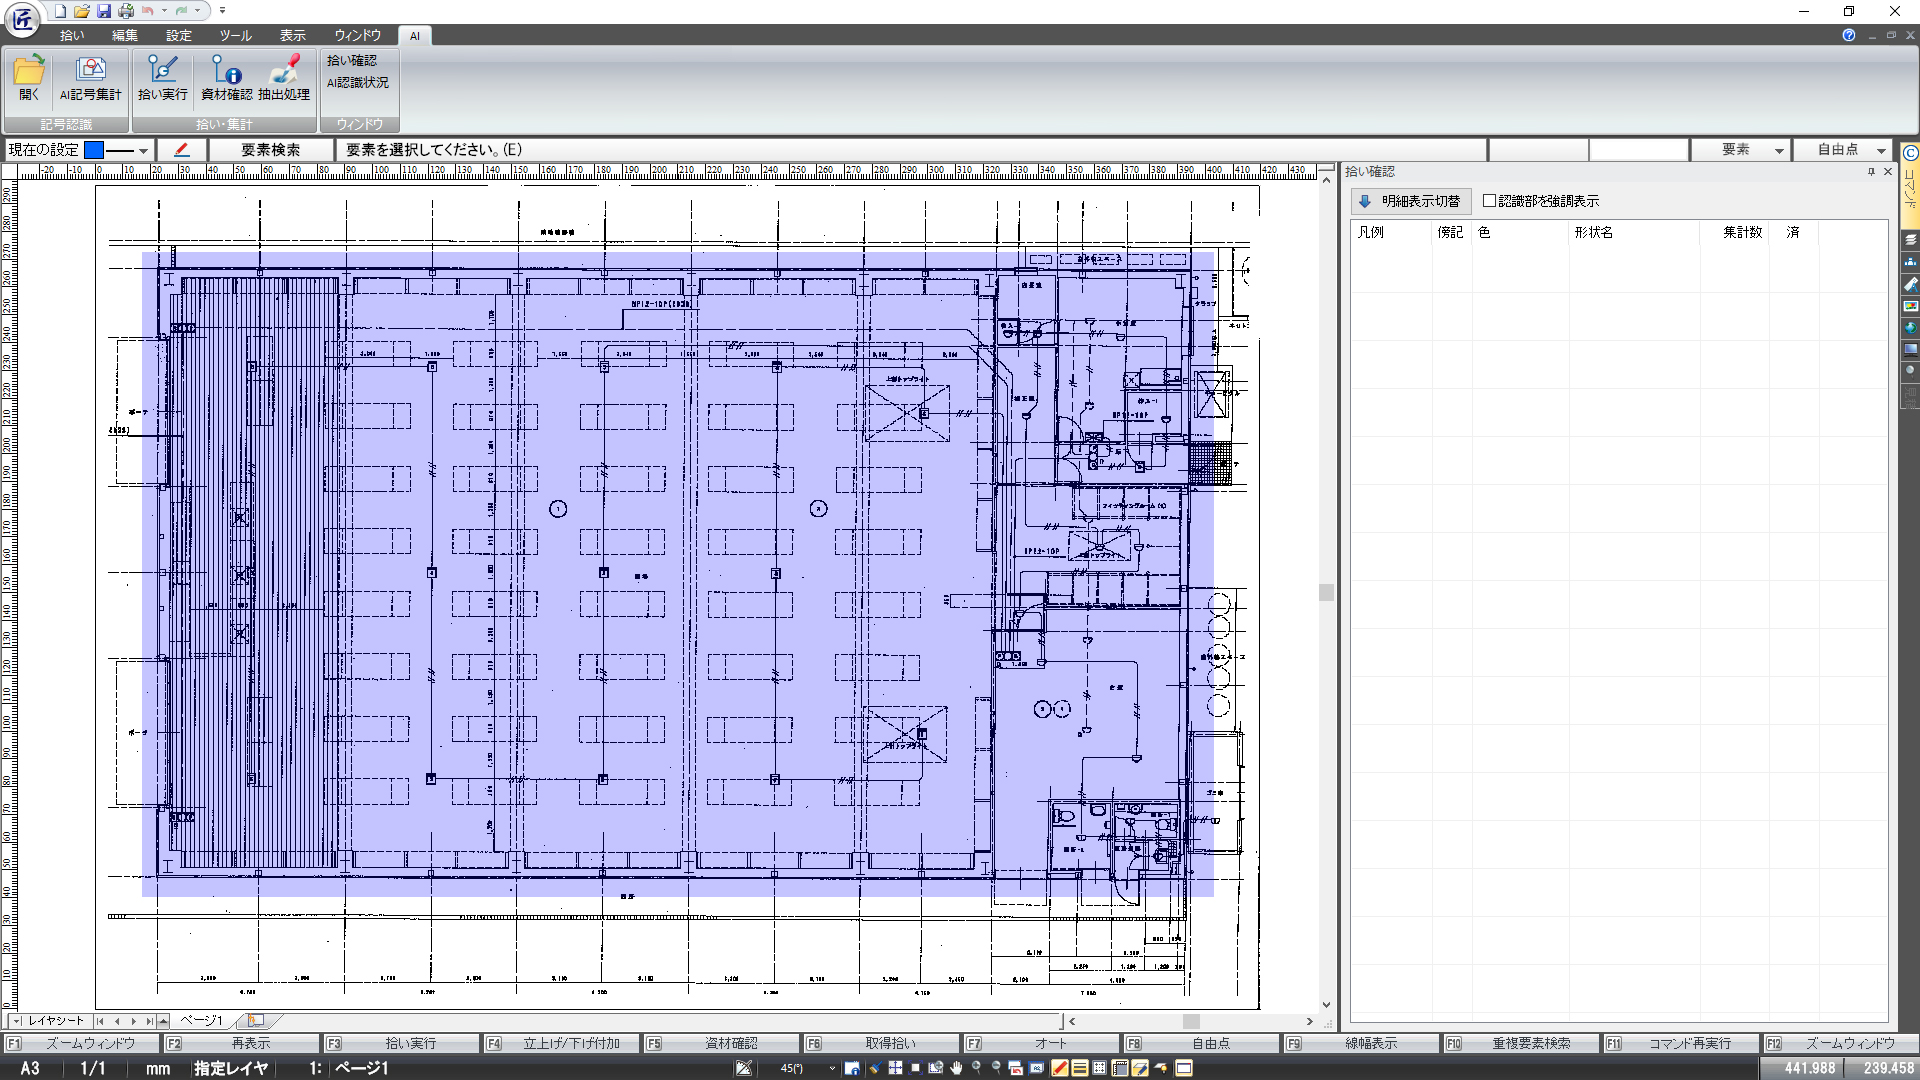 出し 拾い EXCEL 建築積算用紙(フリーソフト)